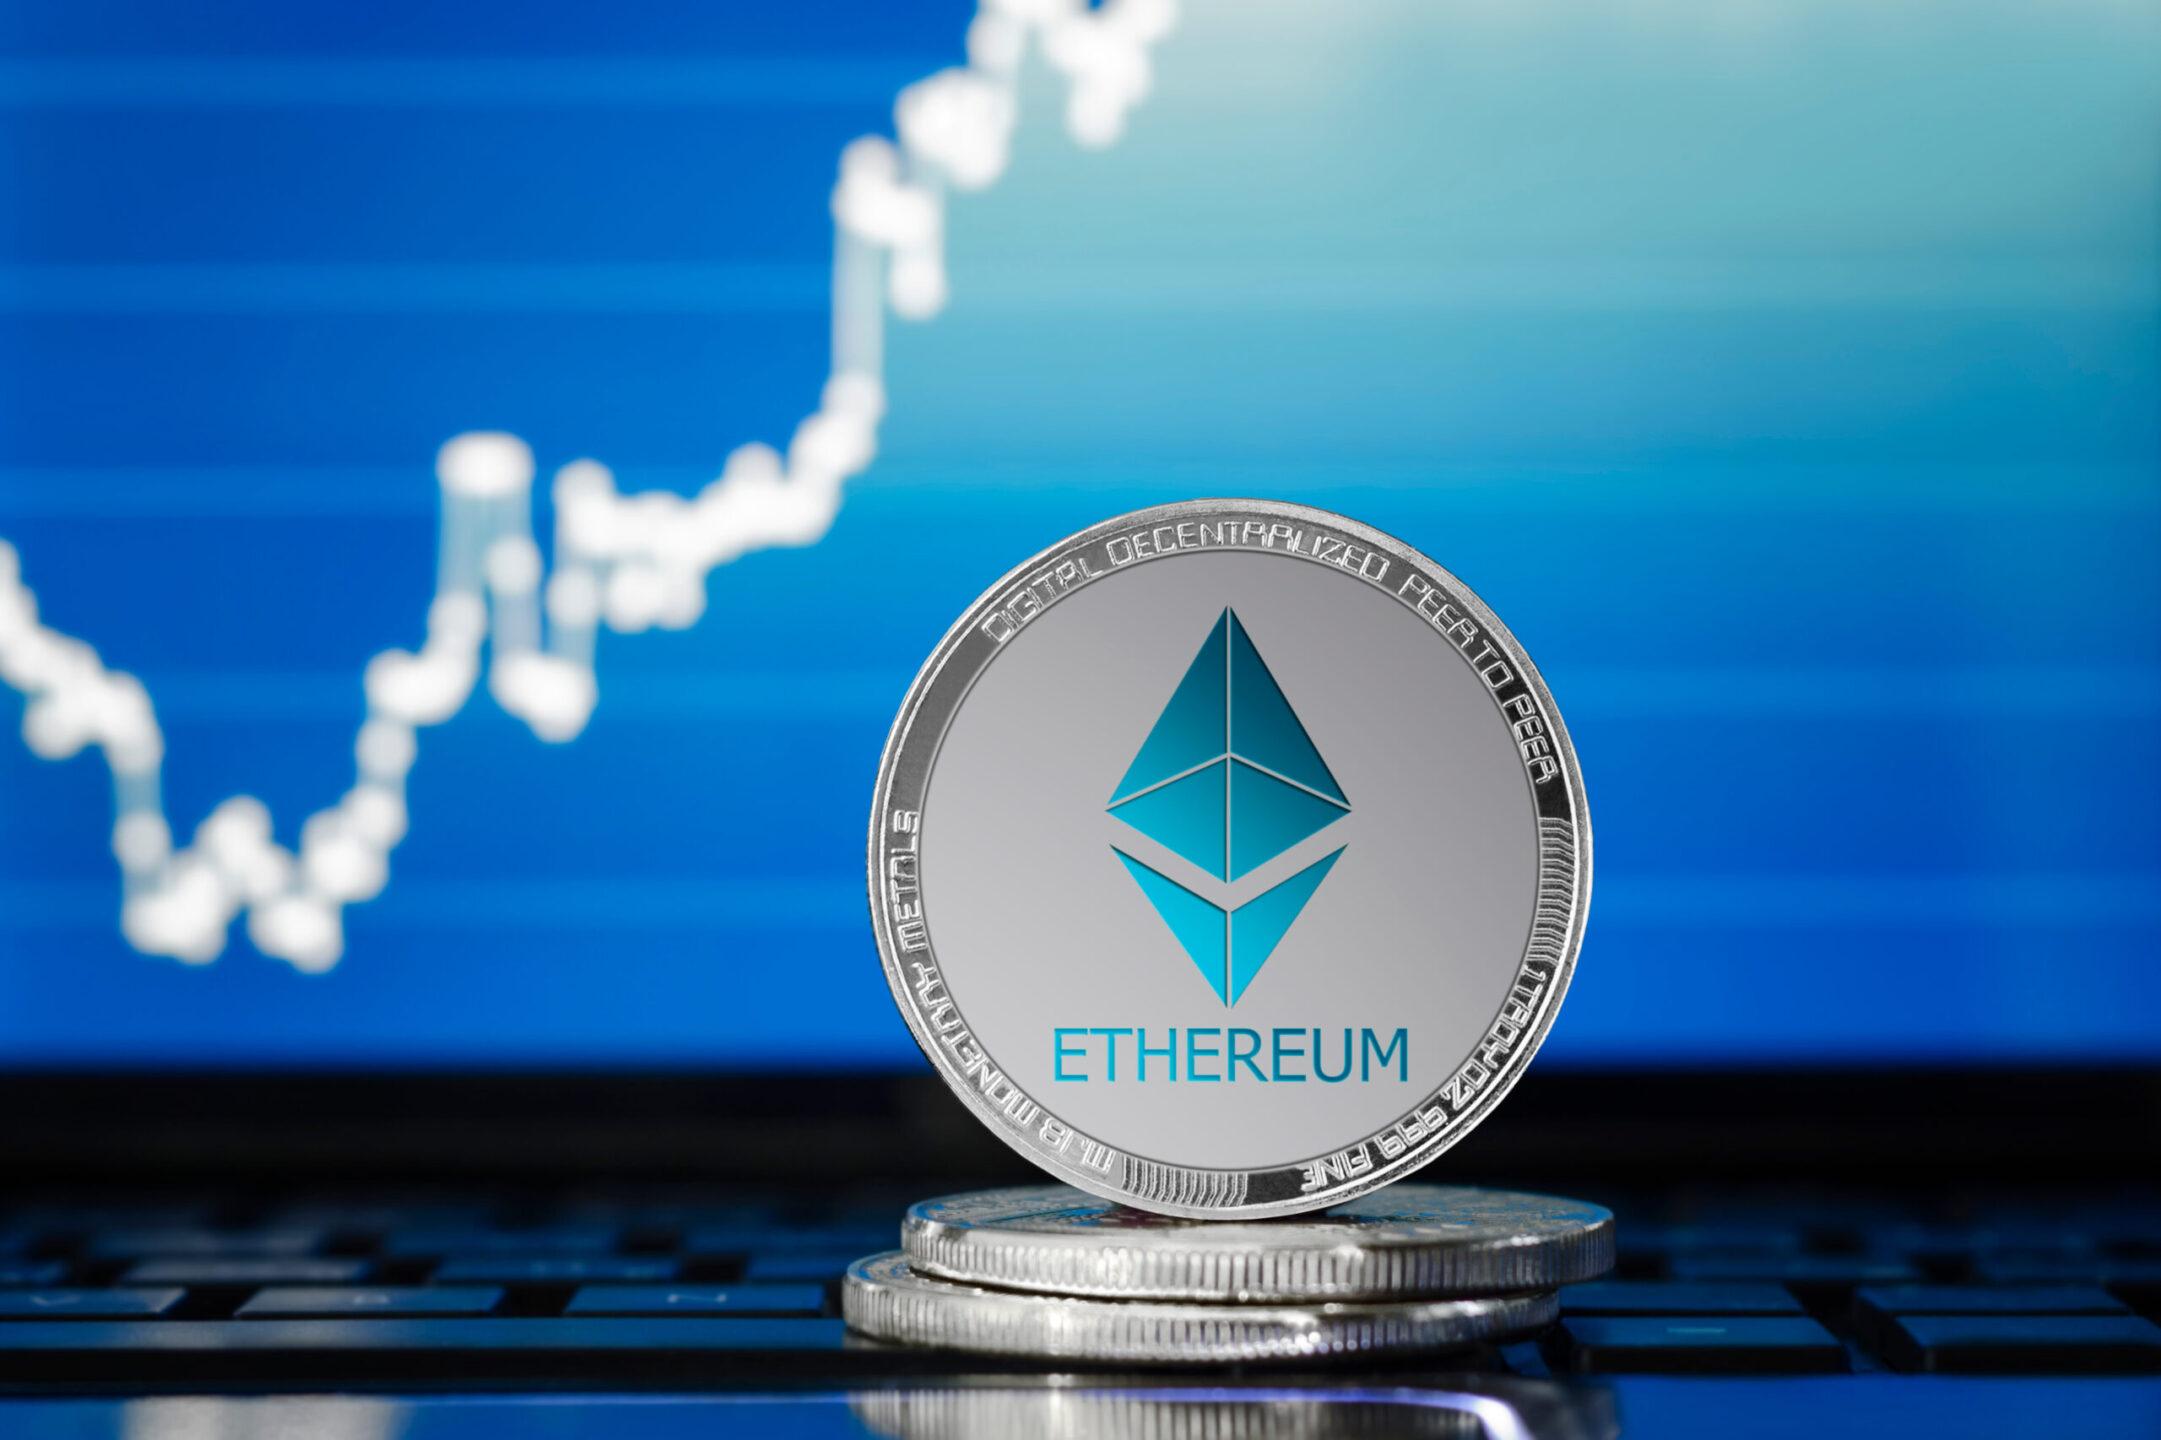 boom-di-ethereum:-+-7%-in-24-ore-e-potrebbe-non-esser-finita-qui.-conviene-comprare-oggi?